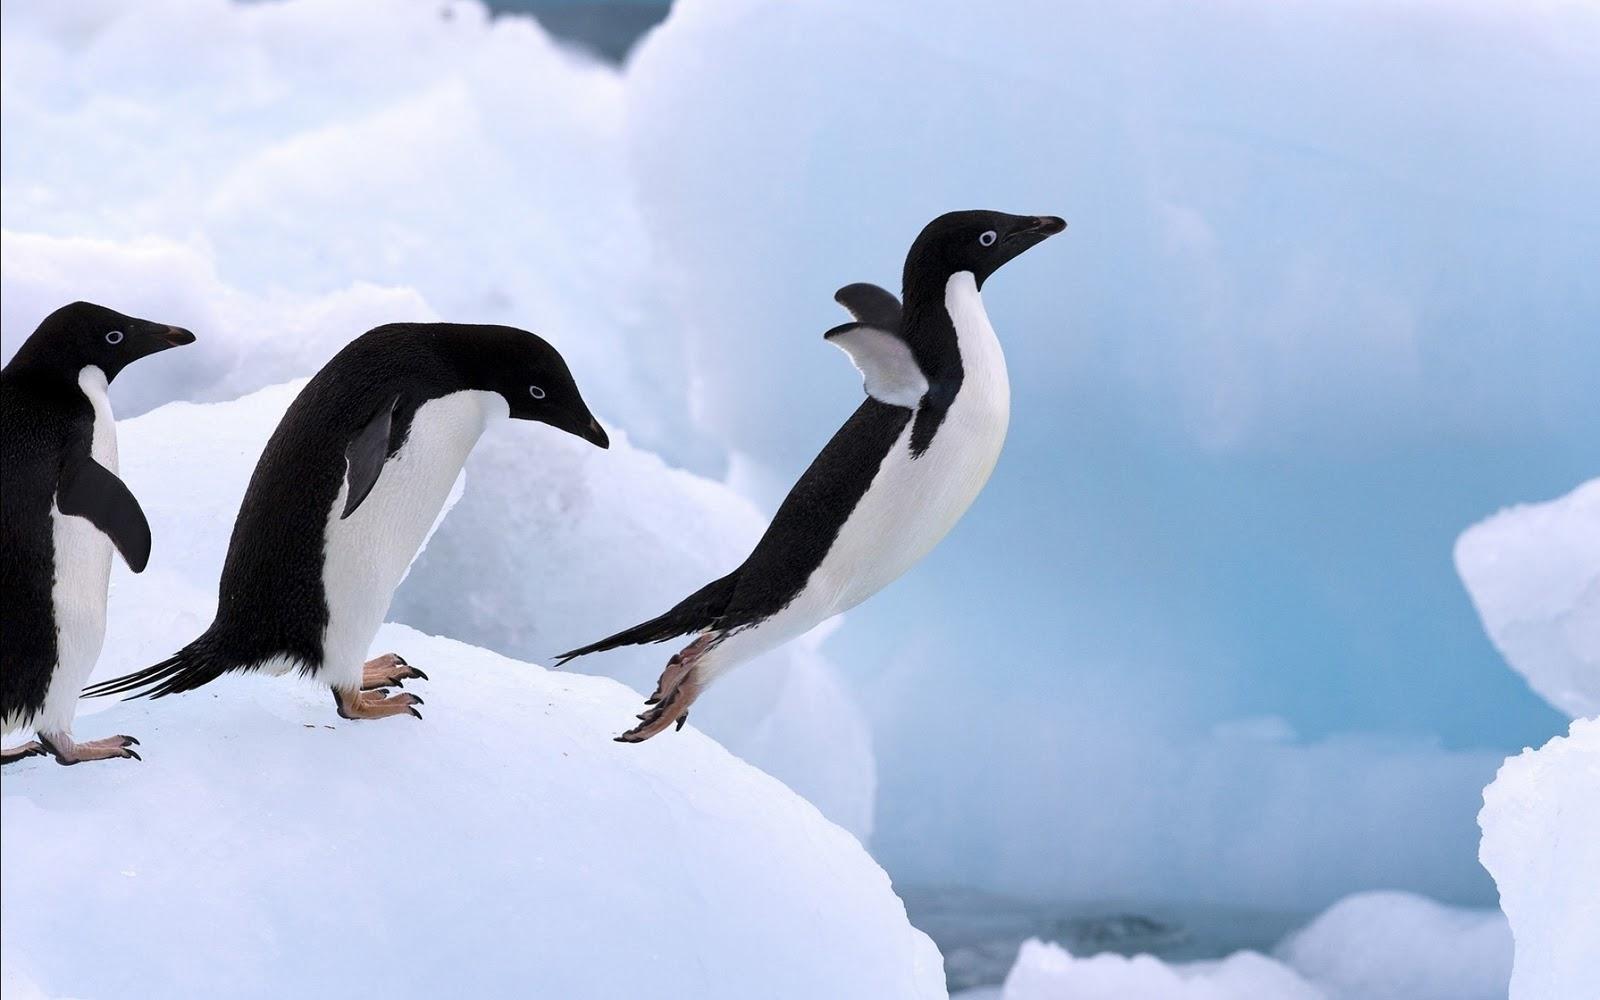 Adelie penguin wallpaper Gallery 1600x1000